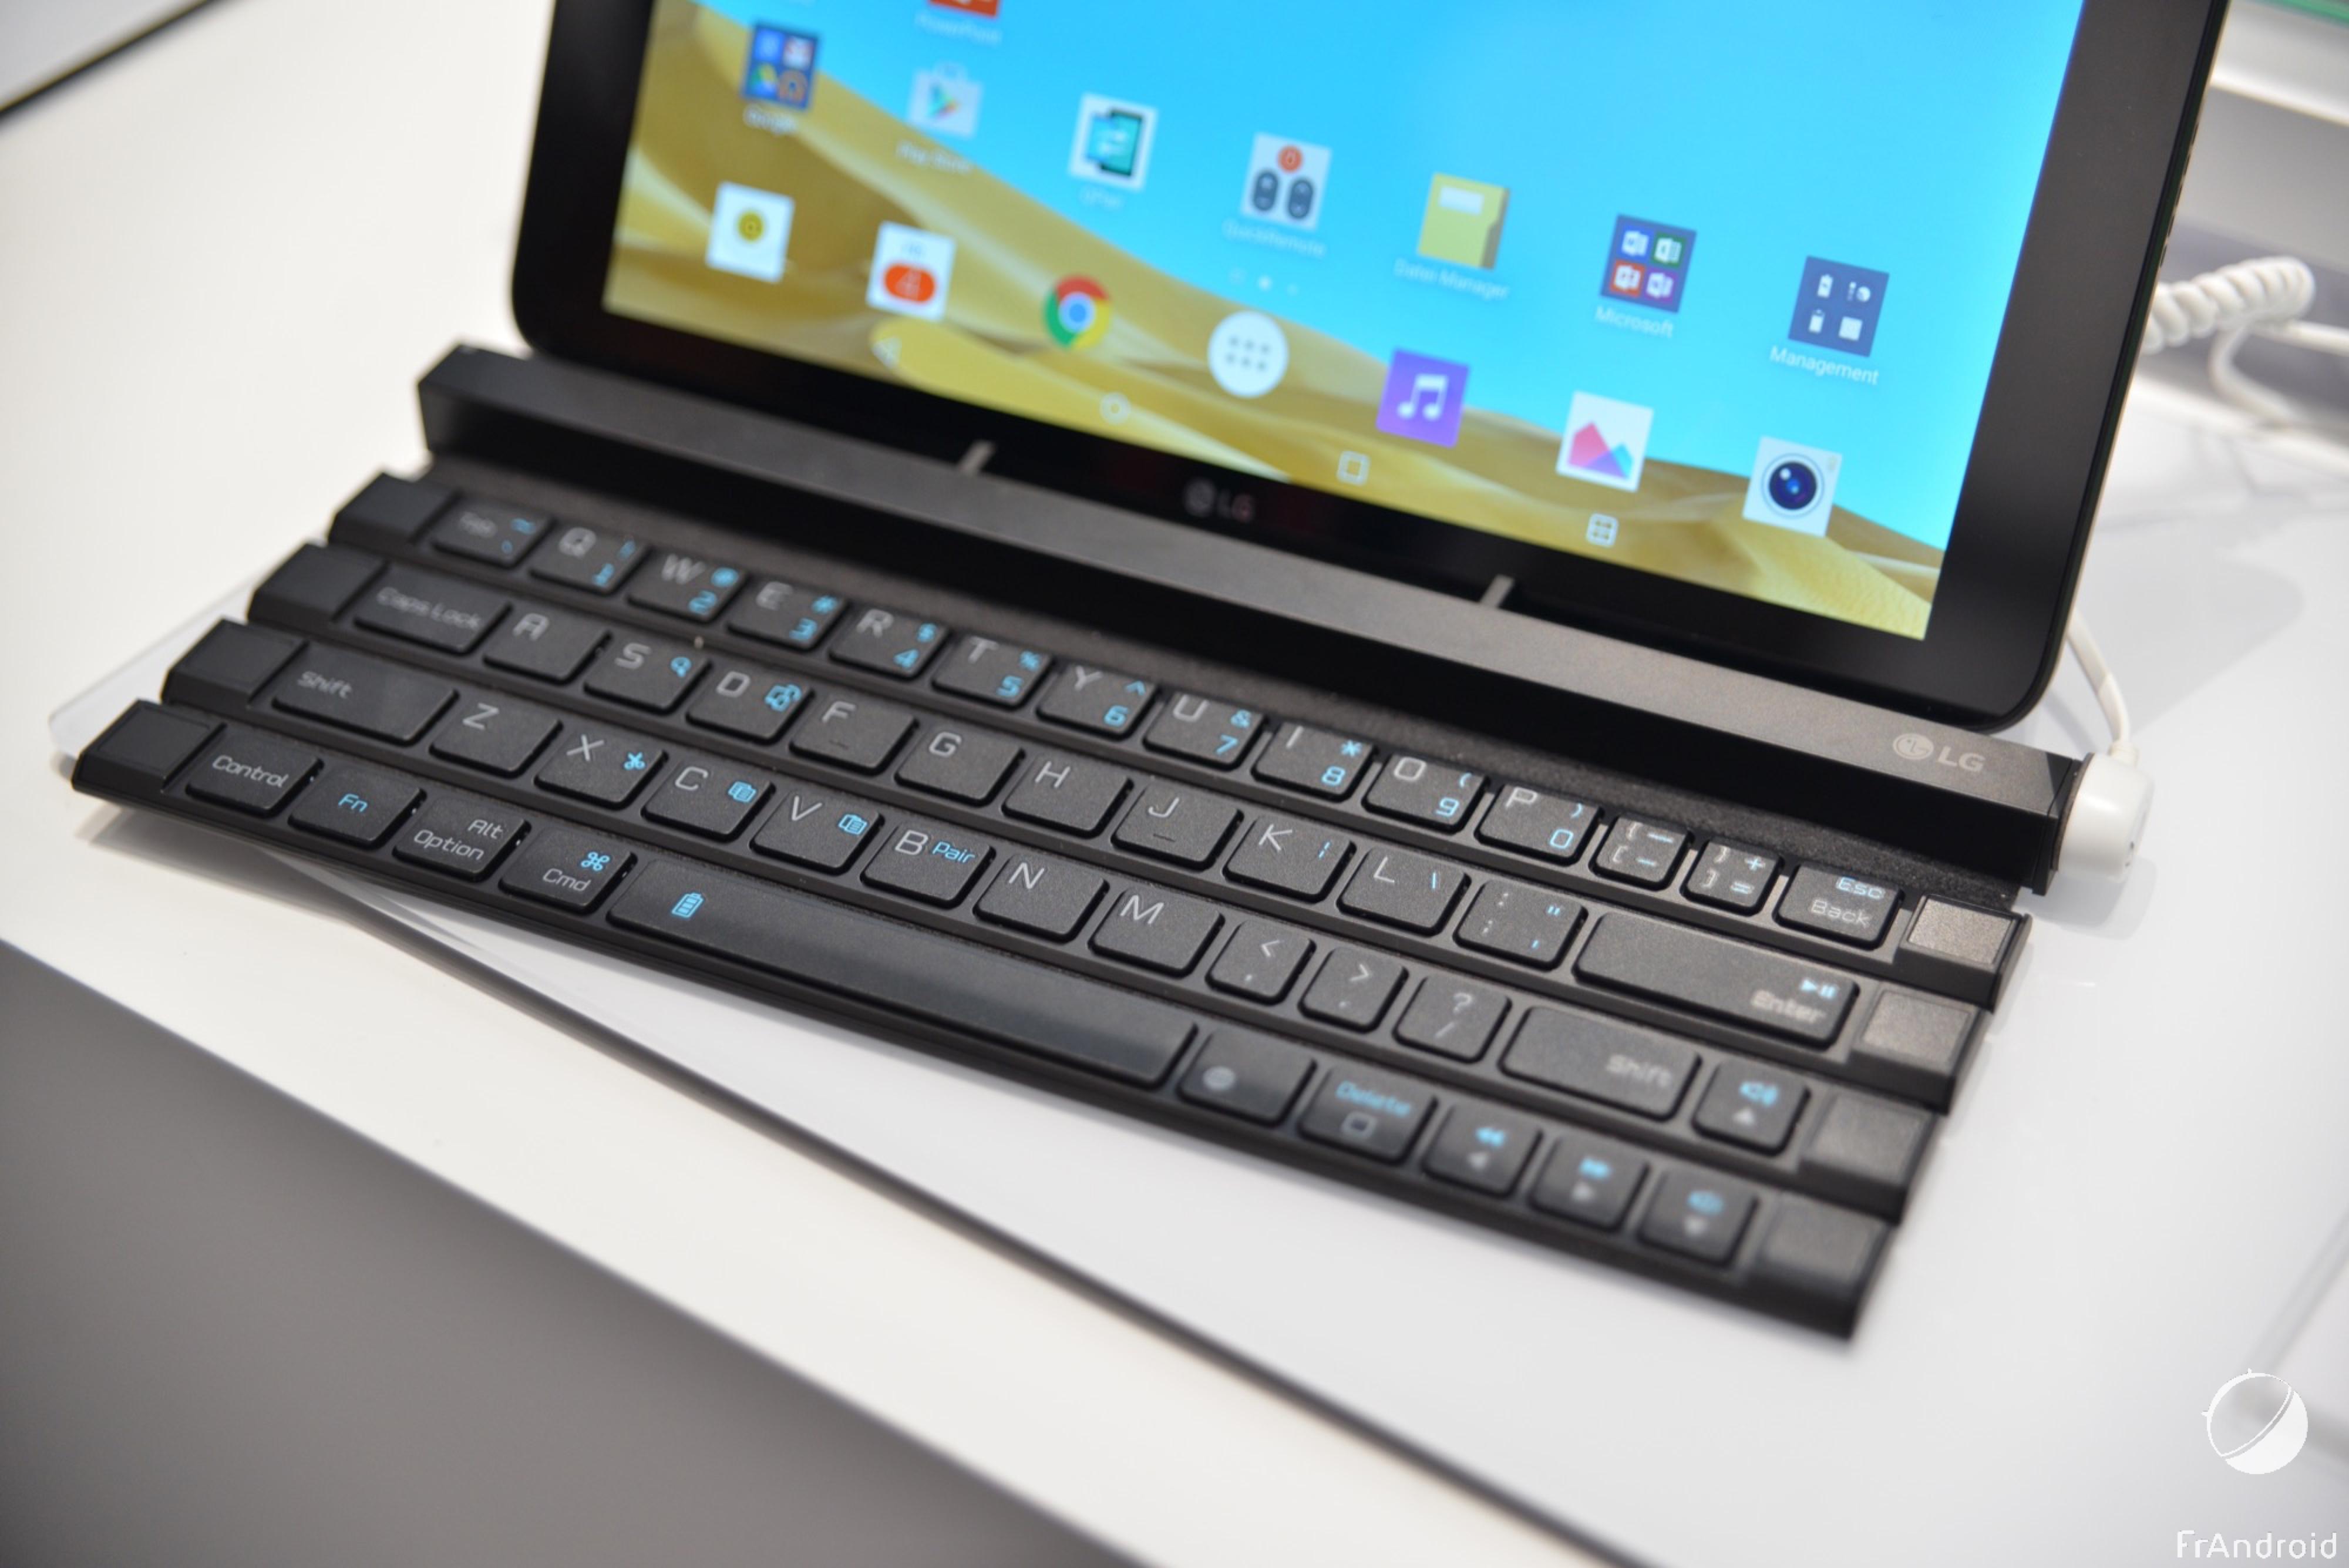 Découverte du LG Rolly Keyboard, le clavier pour tablette qui s'enroule